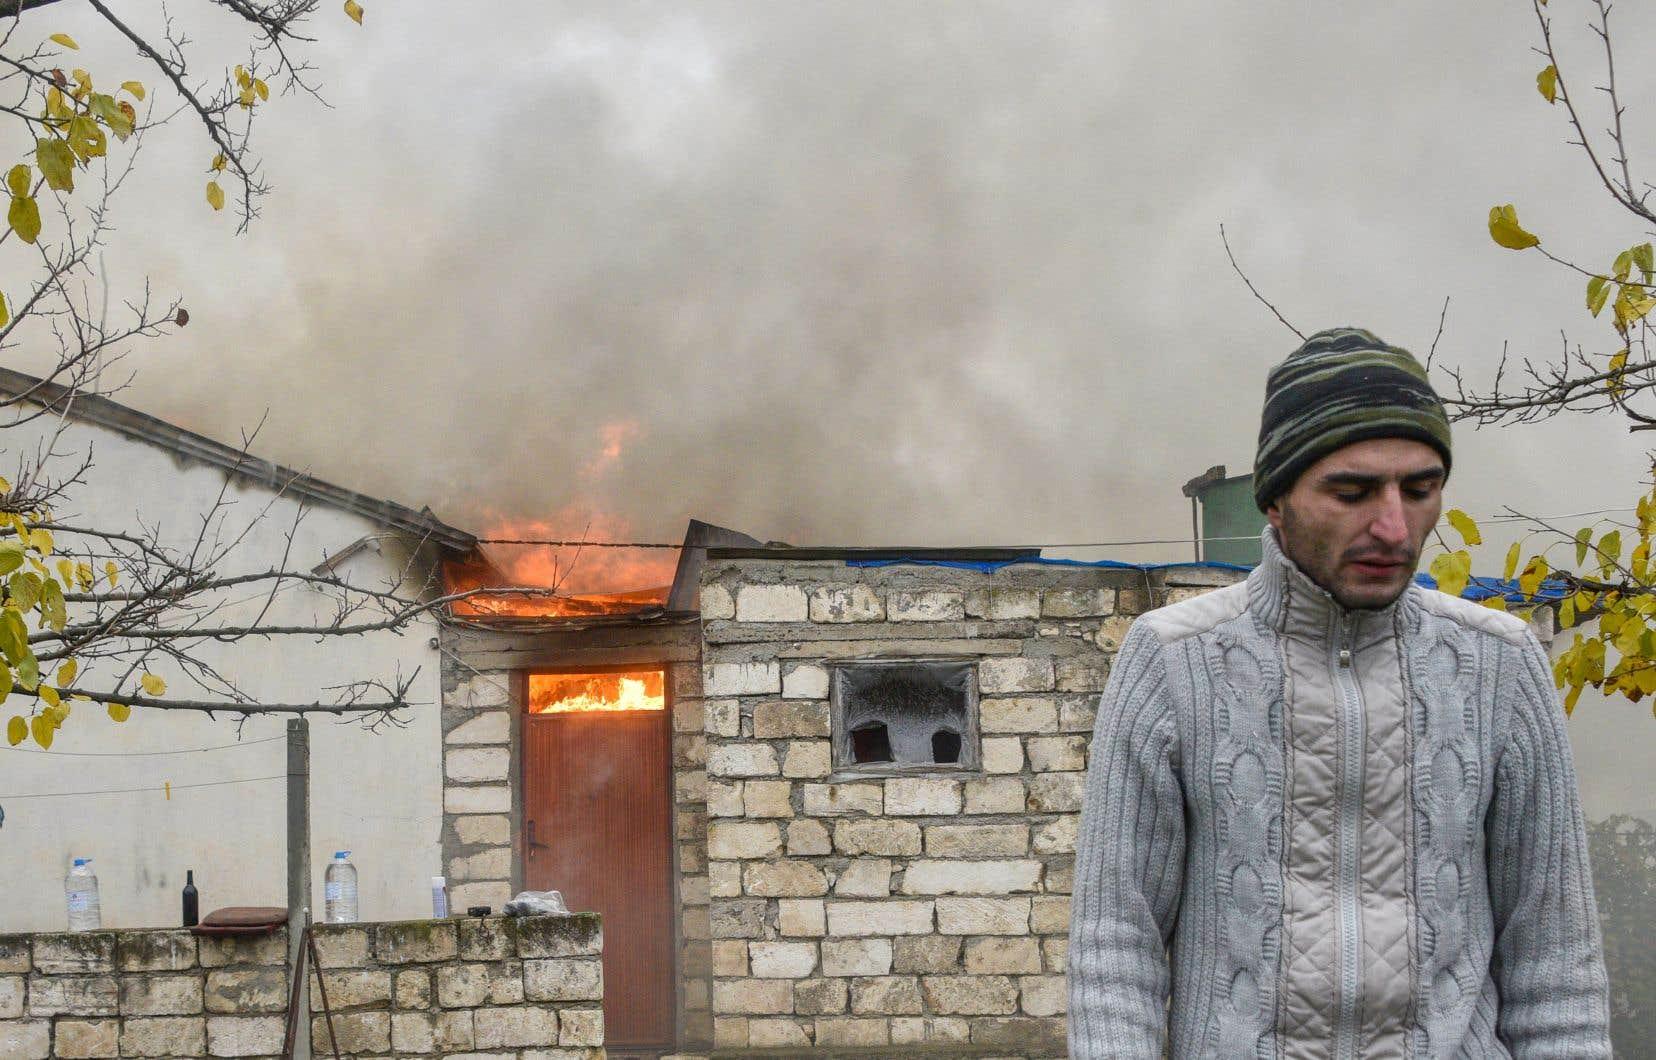 Les habitants des villages de la région chargeaient leurs biens sur des remorques ou des camions pour rejoindre des territoires restant sous contrôle arménien. Certains mettaient aussi le feu à leur maison avant de partir.